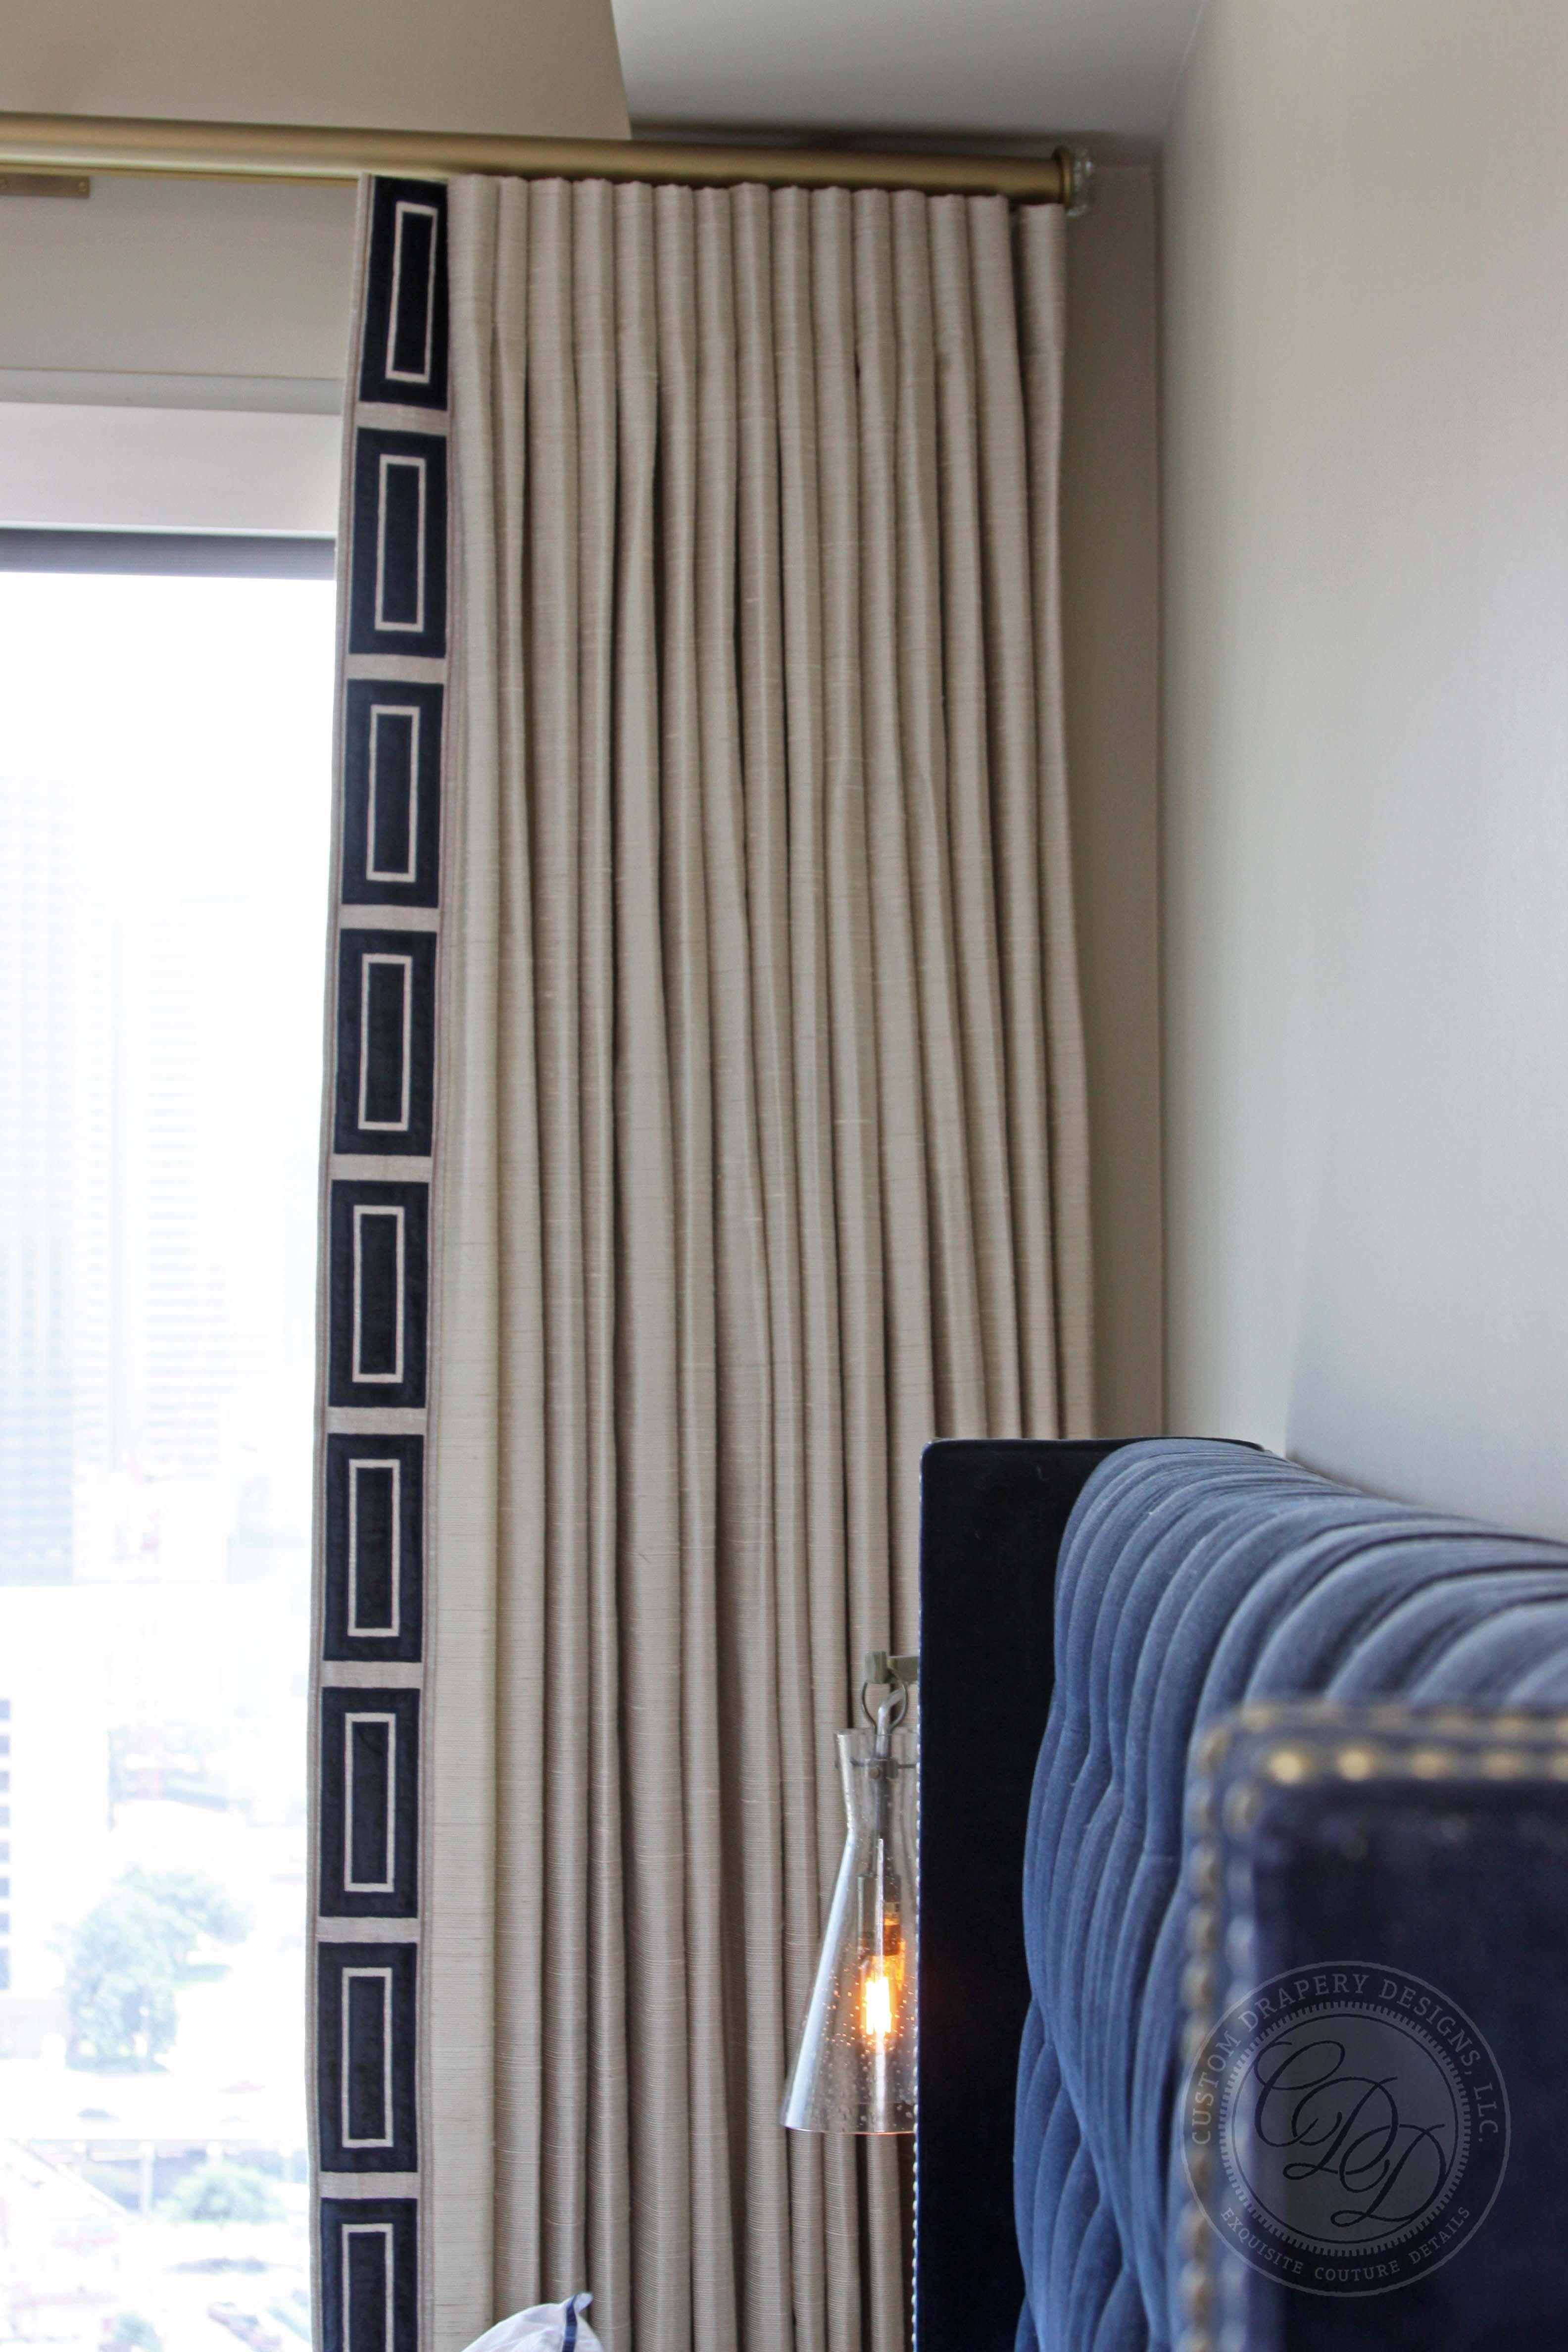 Kitchen nook window treatments  modern midnight blue trim with silk fabric  cortinas  pinterest